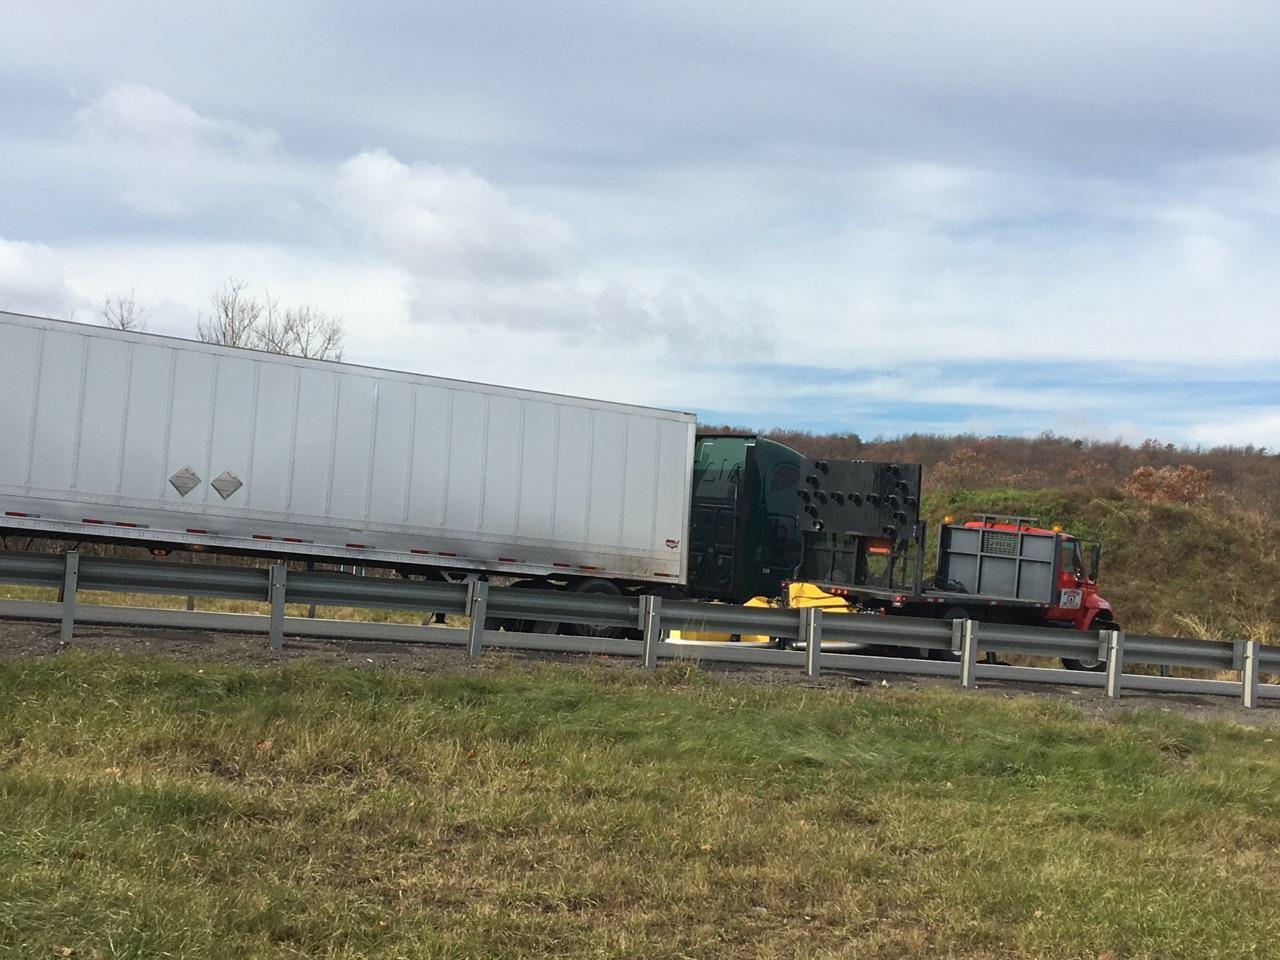 Skook News: Interstate 81 Closed in Northern Schuylkill